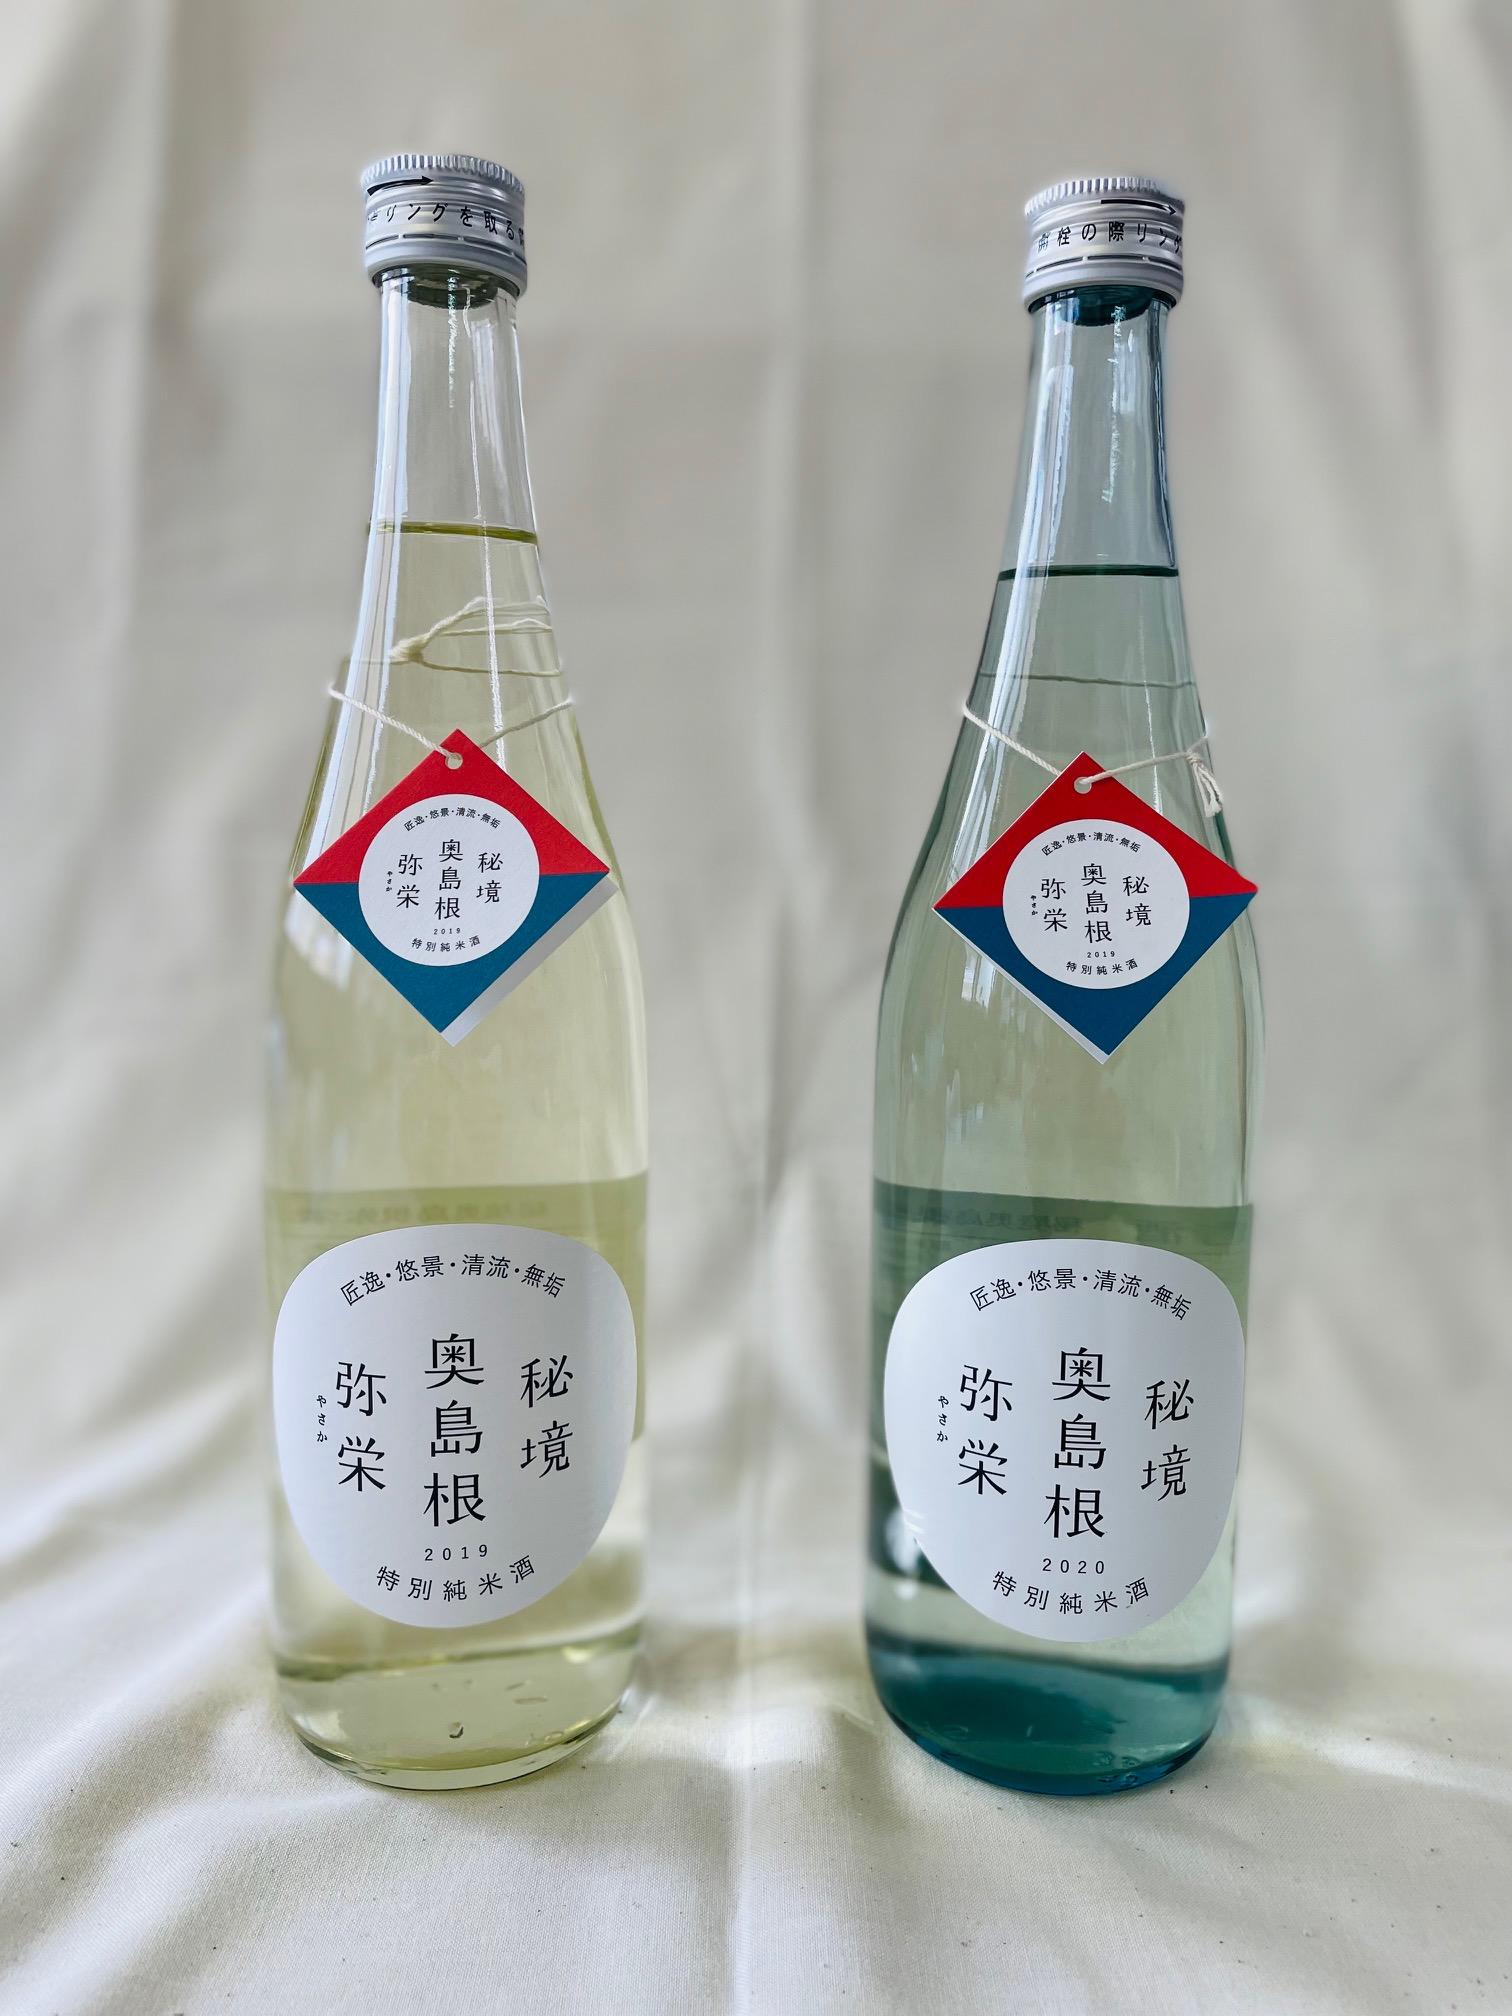 特別純米酒「秘境奥島根弥栄」 ビンテージ 飲み比べセット 720ml2本